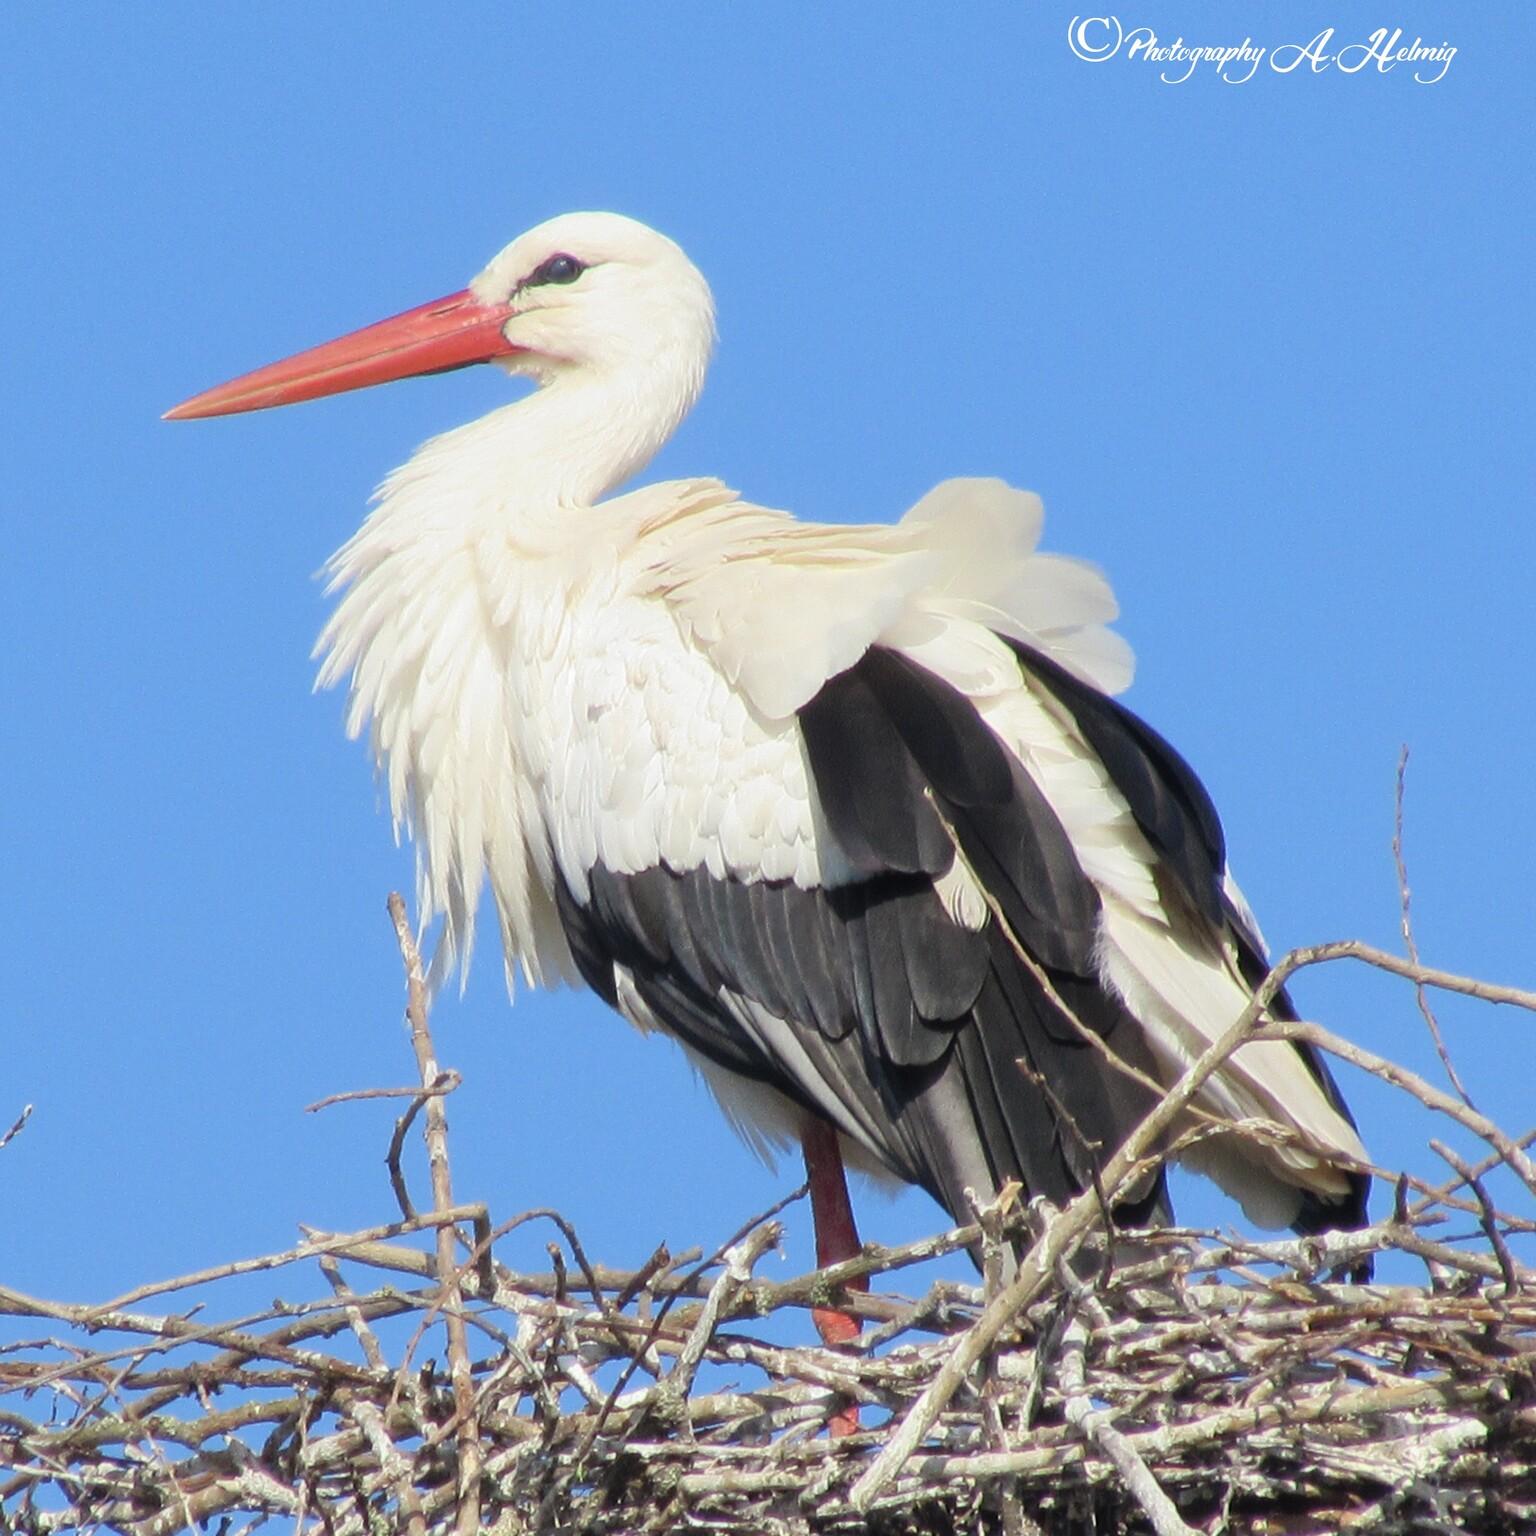 Ooievaar  - op nest - foto door Anja Helmig op 10-04-2021 - locatie: 4062 Zennewijnen, Nederland - deze foto bevat: vogel, lucht, witte ooievaar, bek, organisme, veer, vleugel, aanpassing, pelecaniformes, ciconiiformes